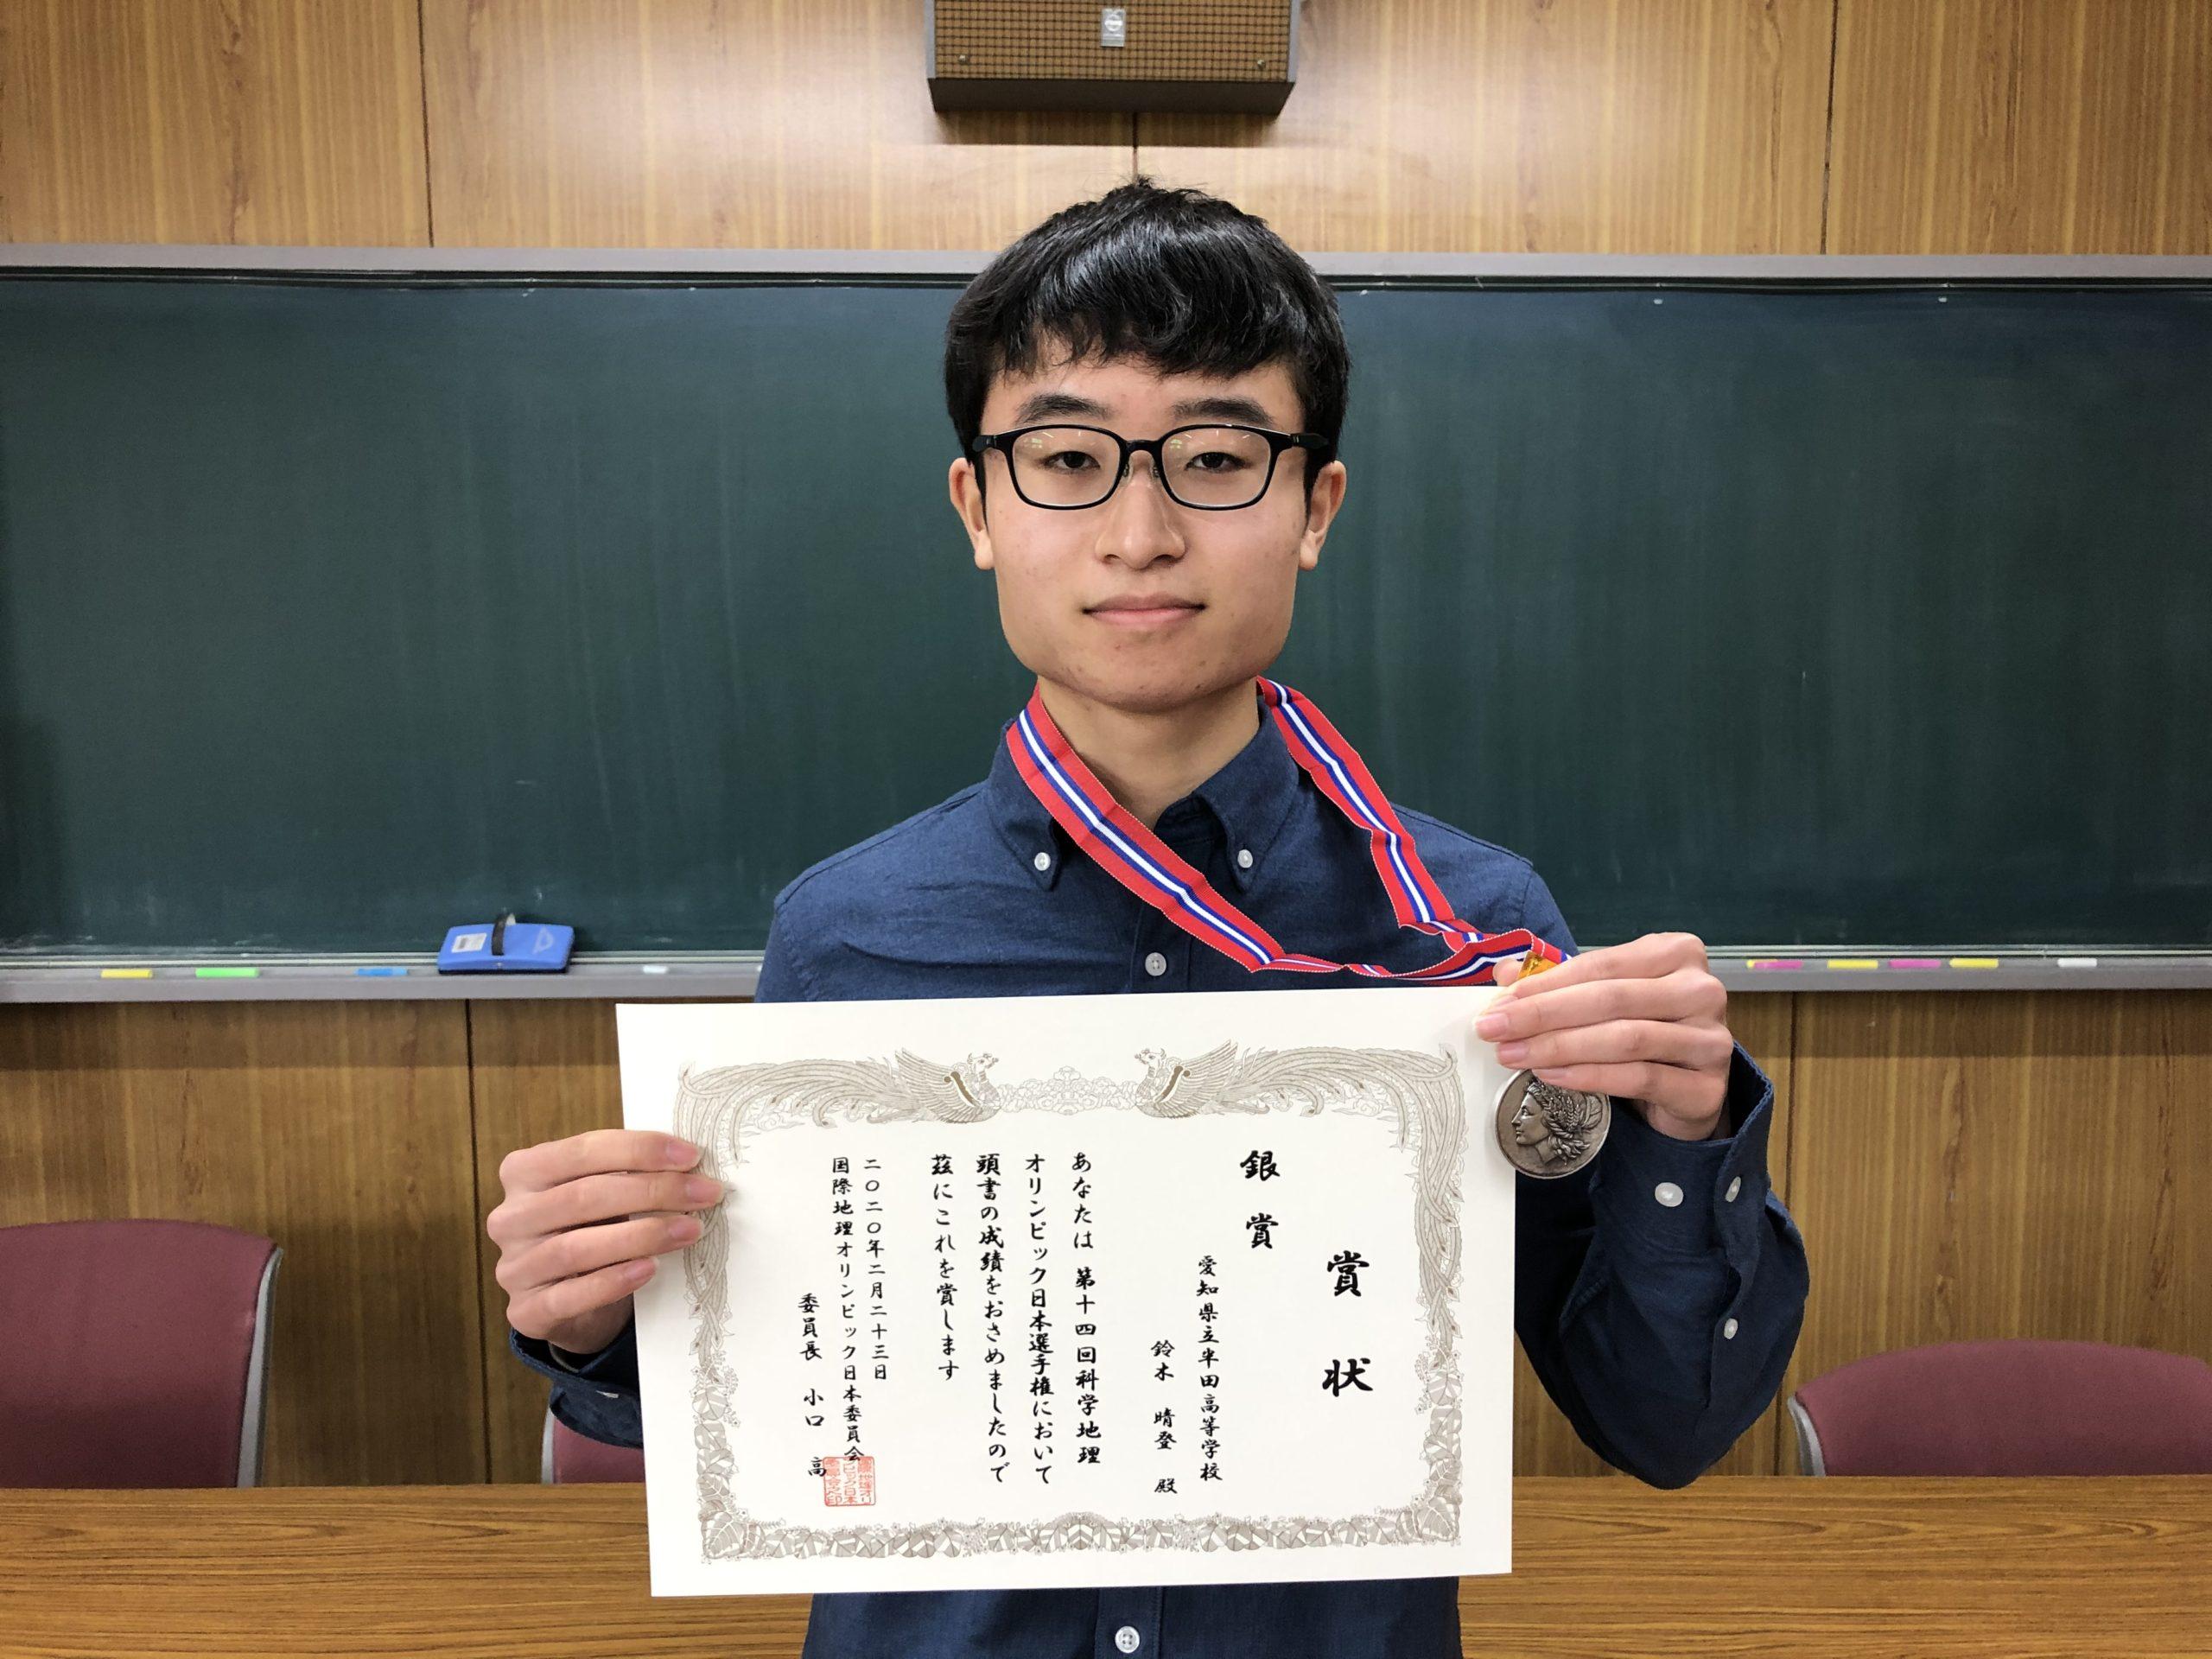 銀メダル受賞の報告に来てくれました!